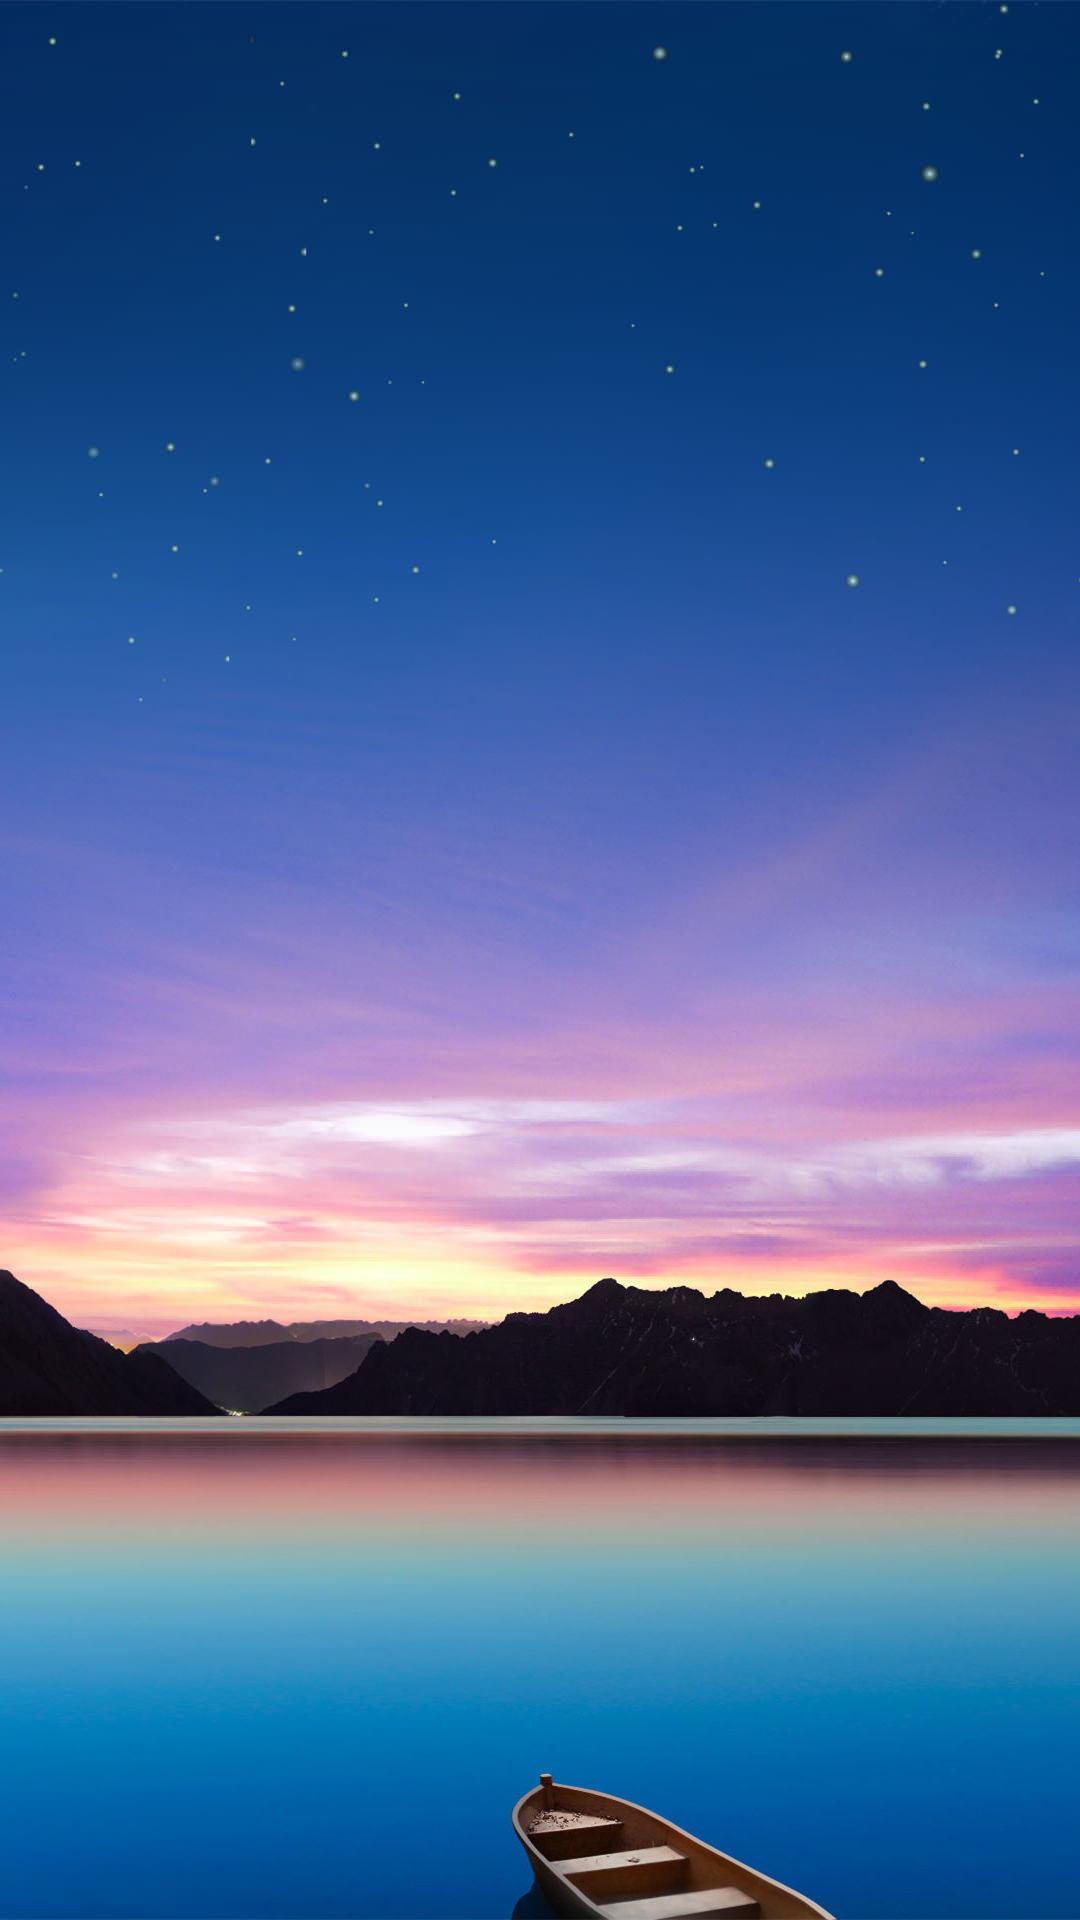 湖に浮かぶボートと星空 Iphone6 Plus 壁紙 Wallpaperbox